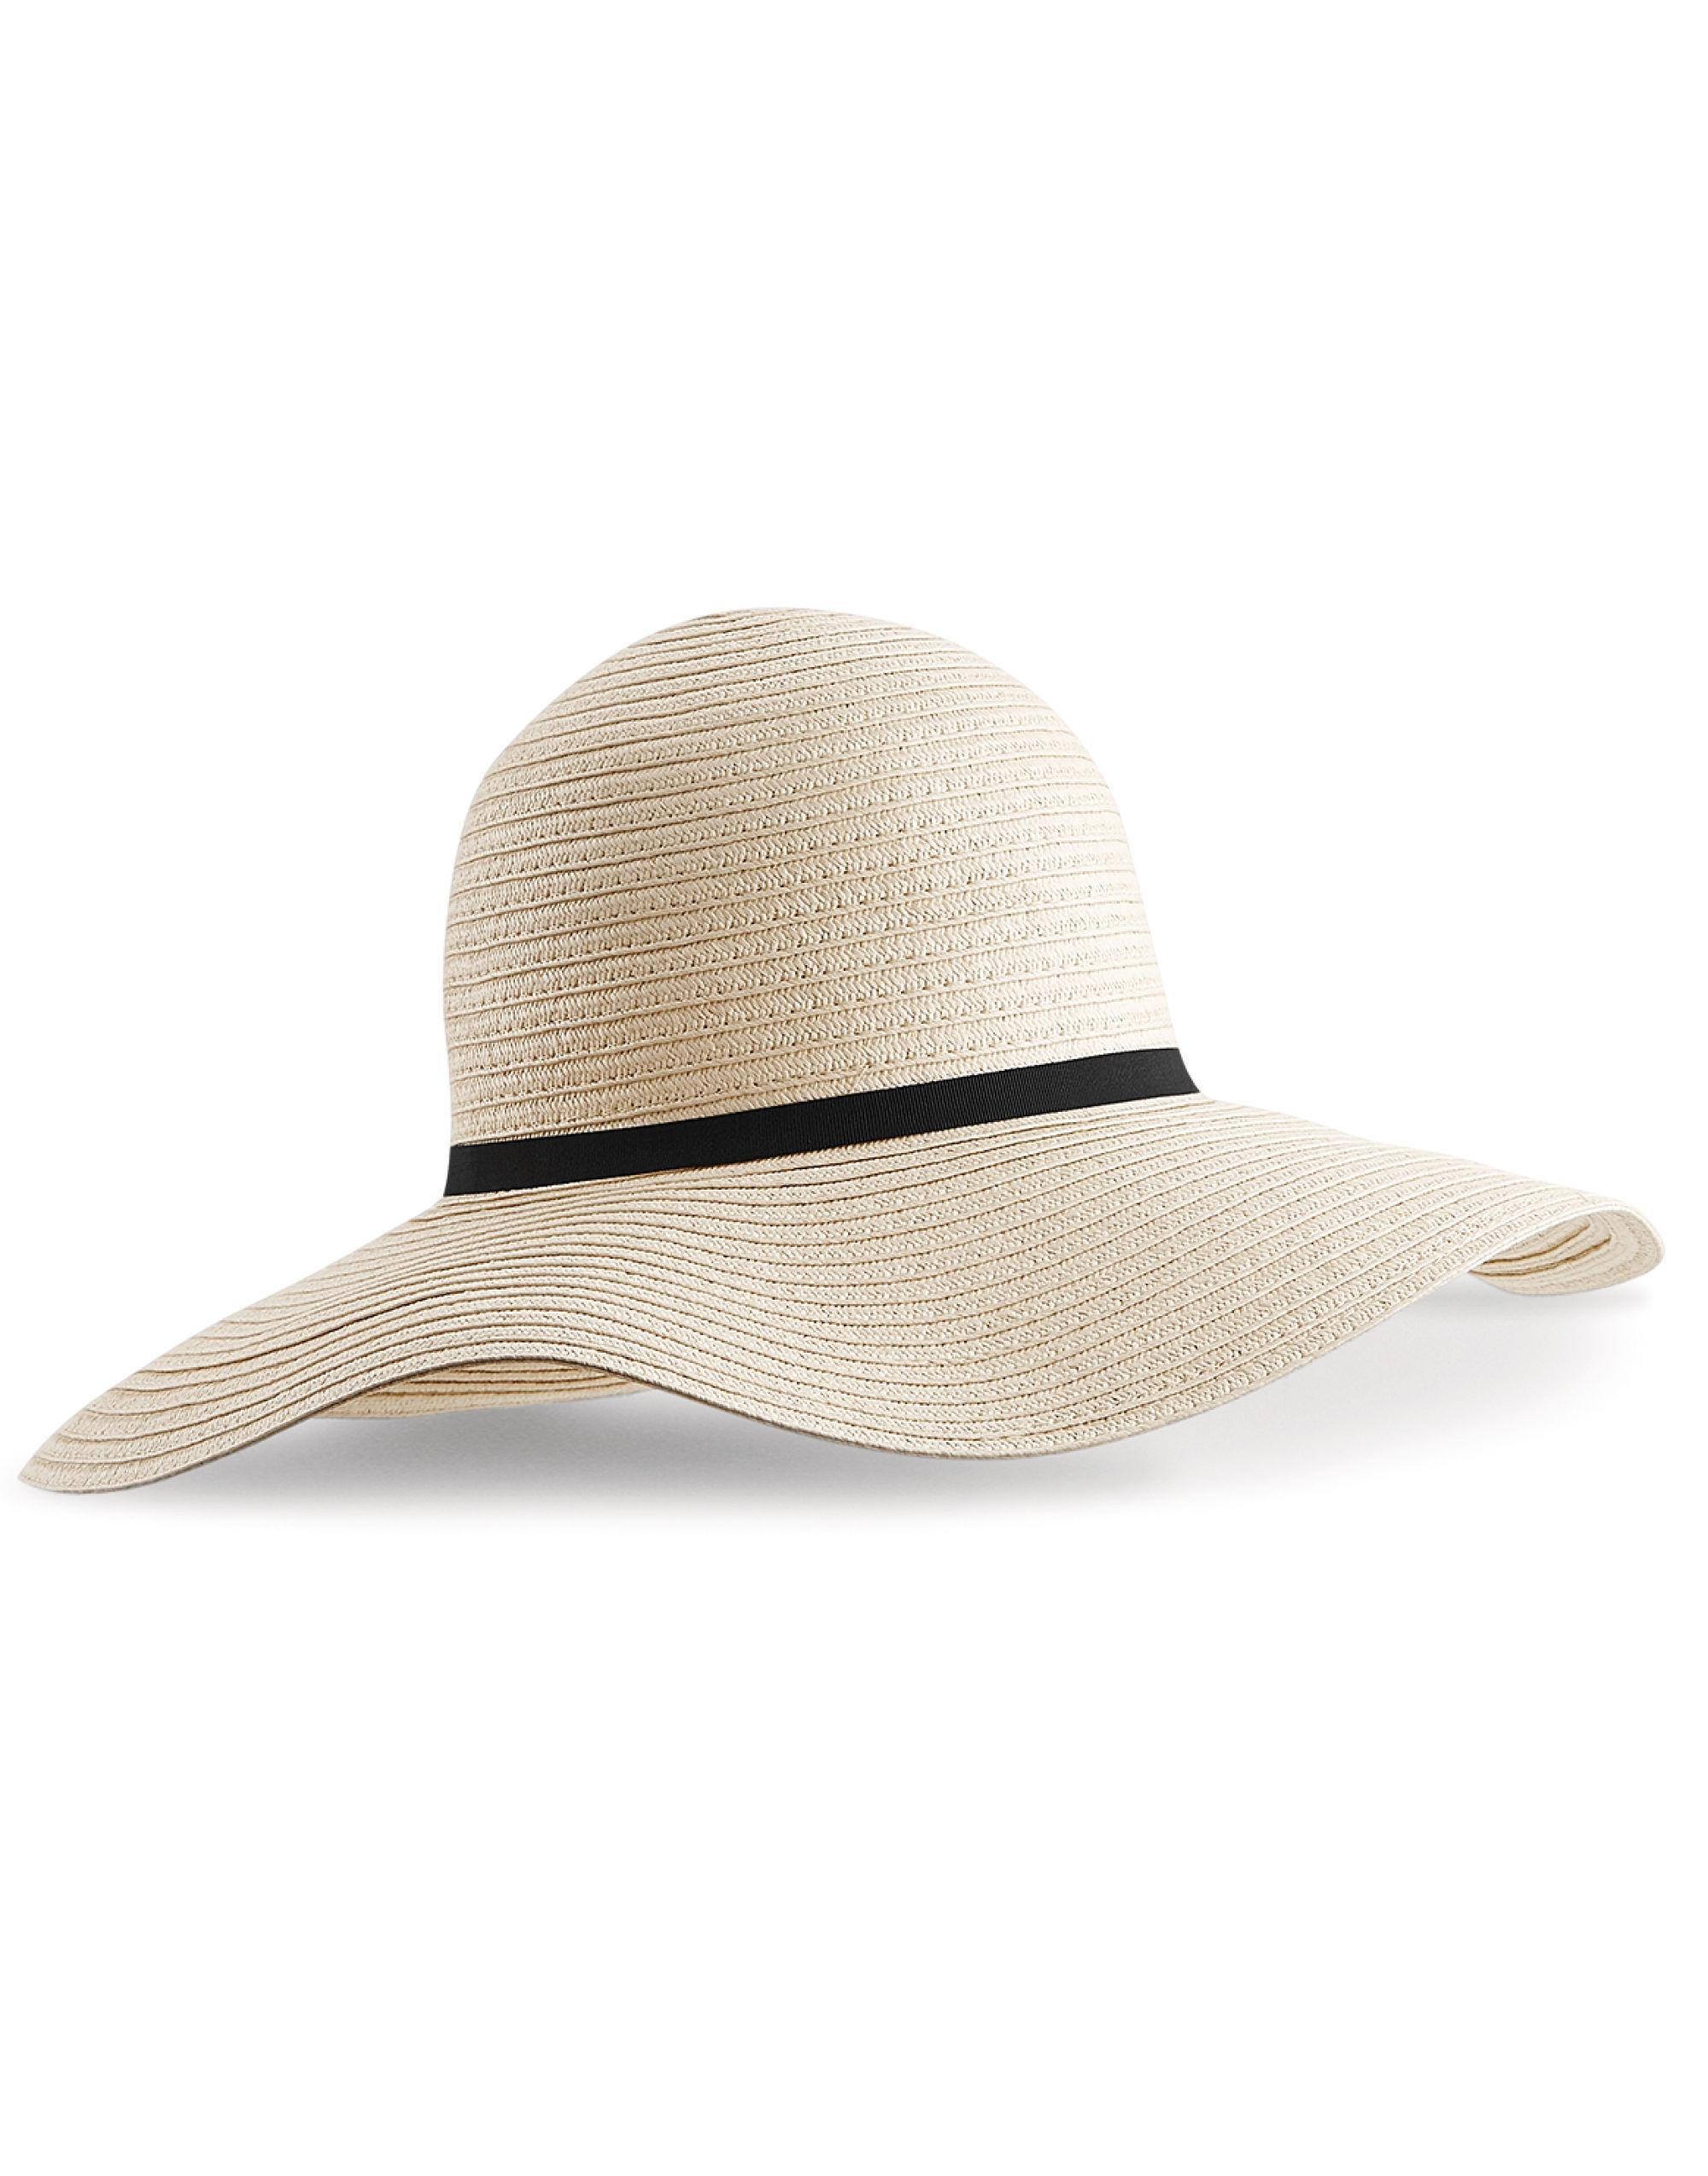 Beechfield  Marbella Wide-Brimmed Sun Hat